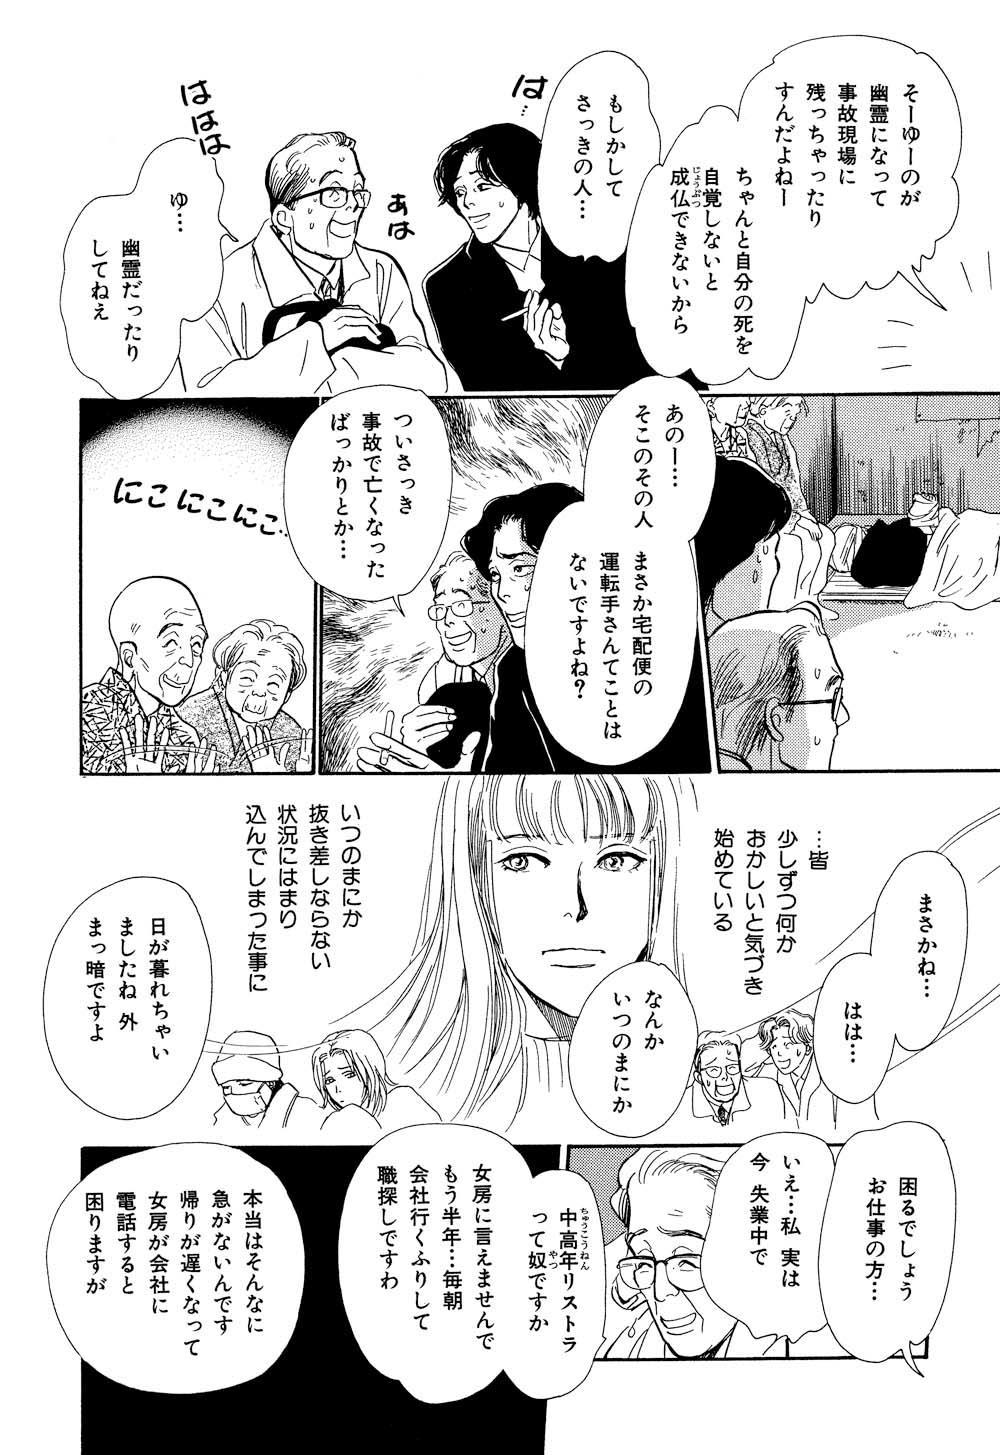 百鬼夜行抄_07_0070.jpg